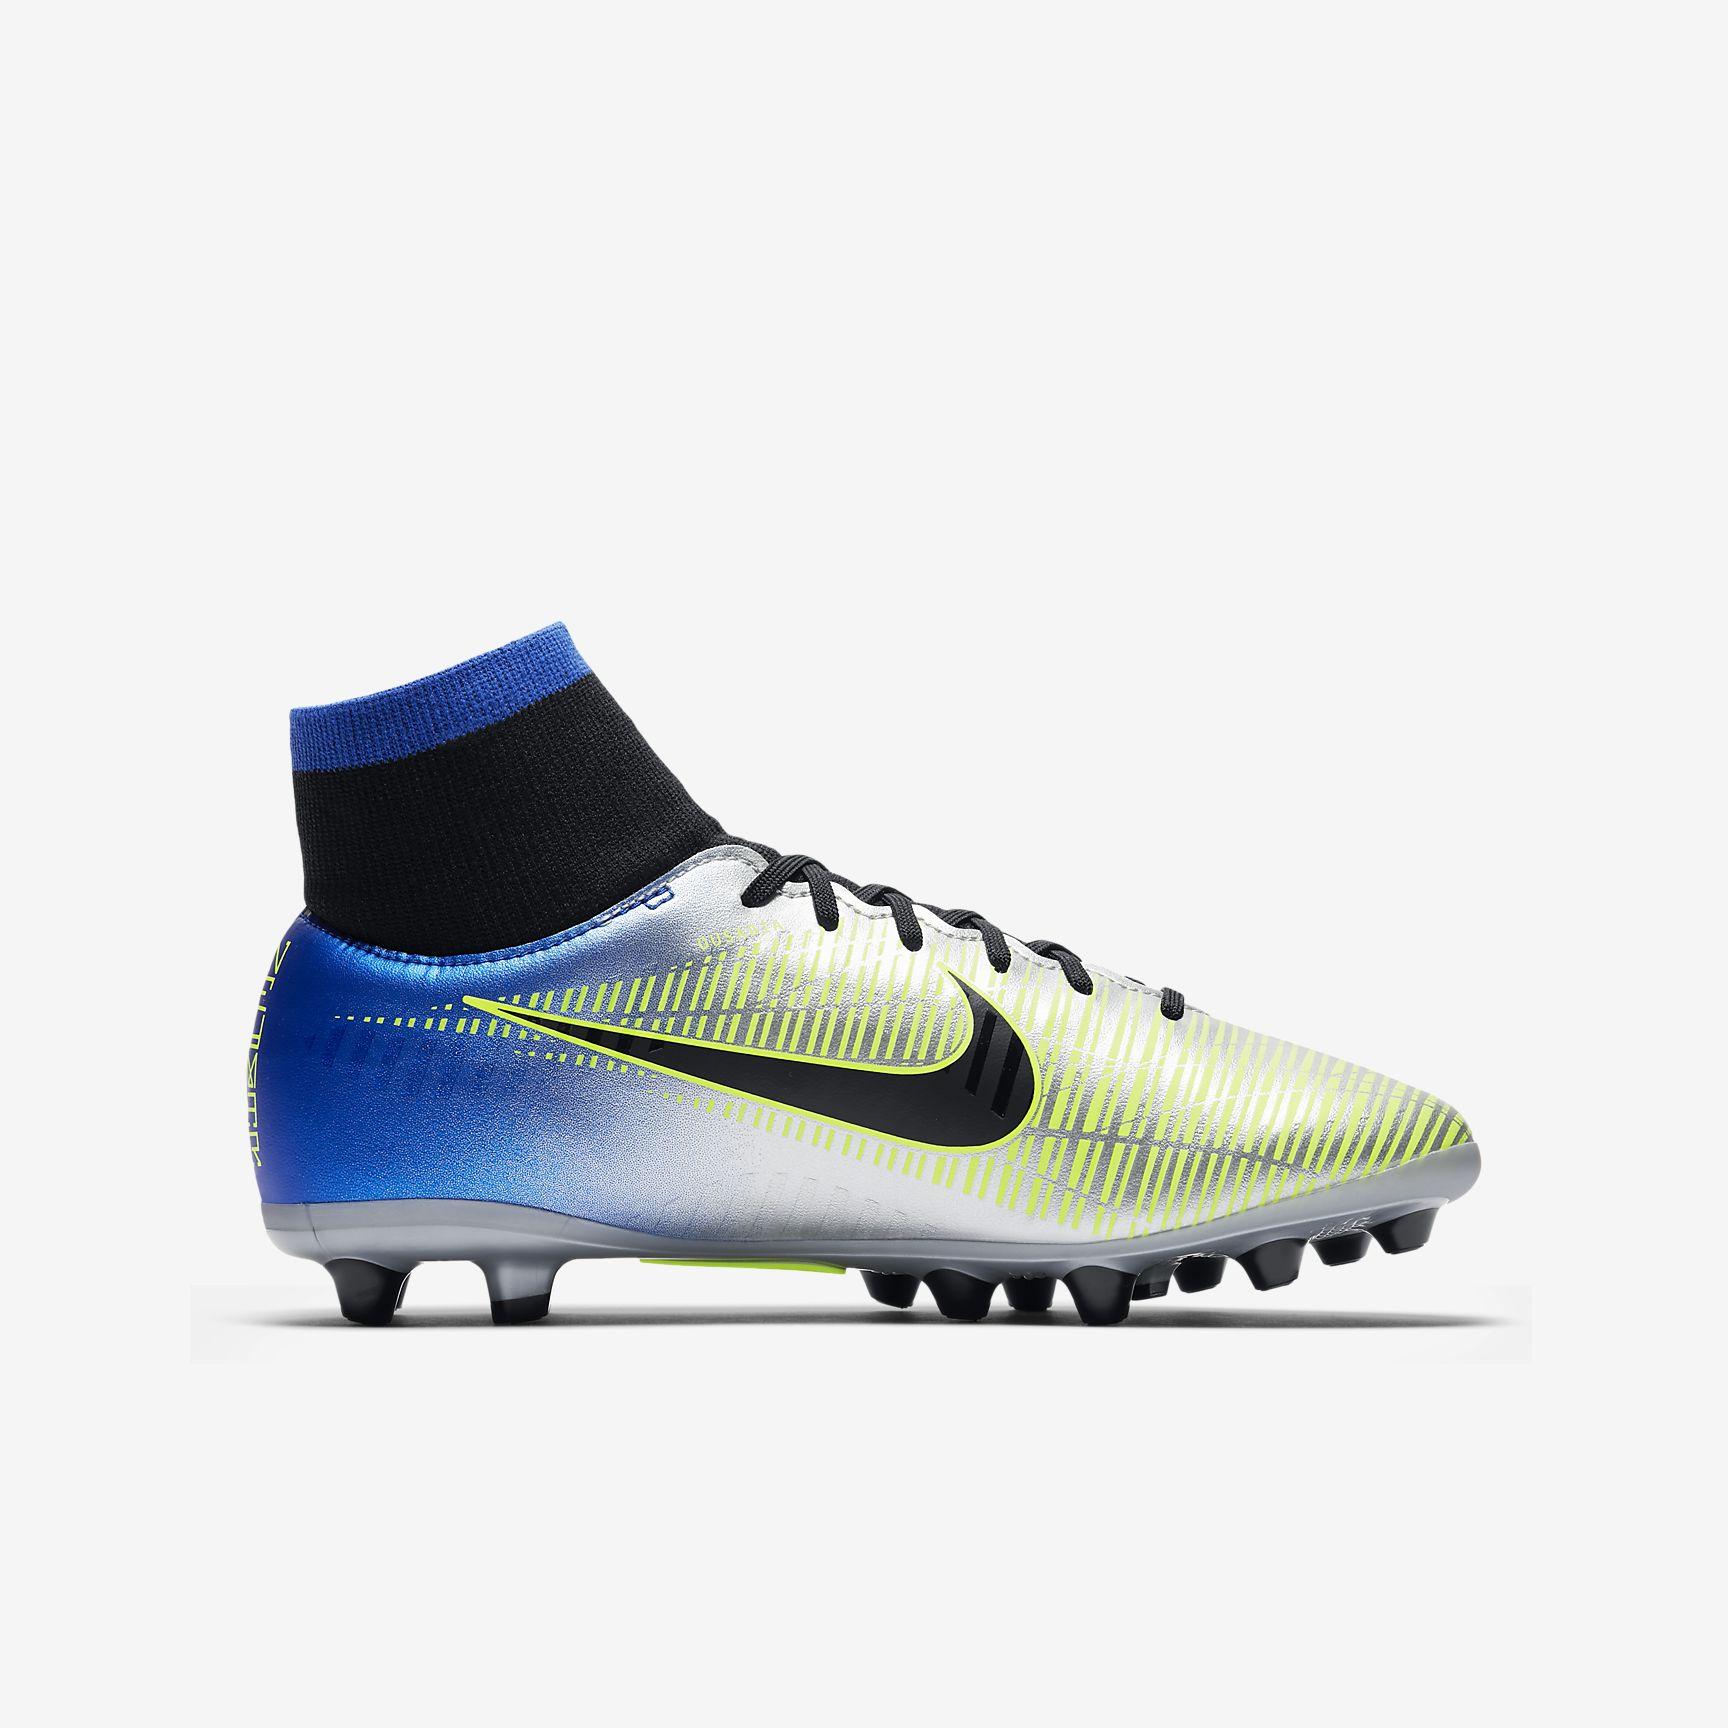 Nike Mercurial Acquista Off68 Calcetto Da Sconti Scarpe Bambino qtrtv